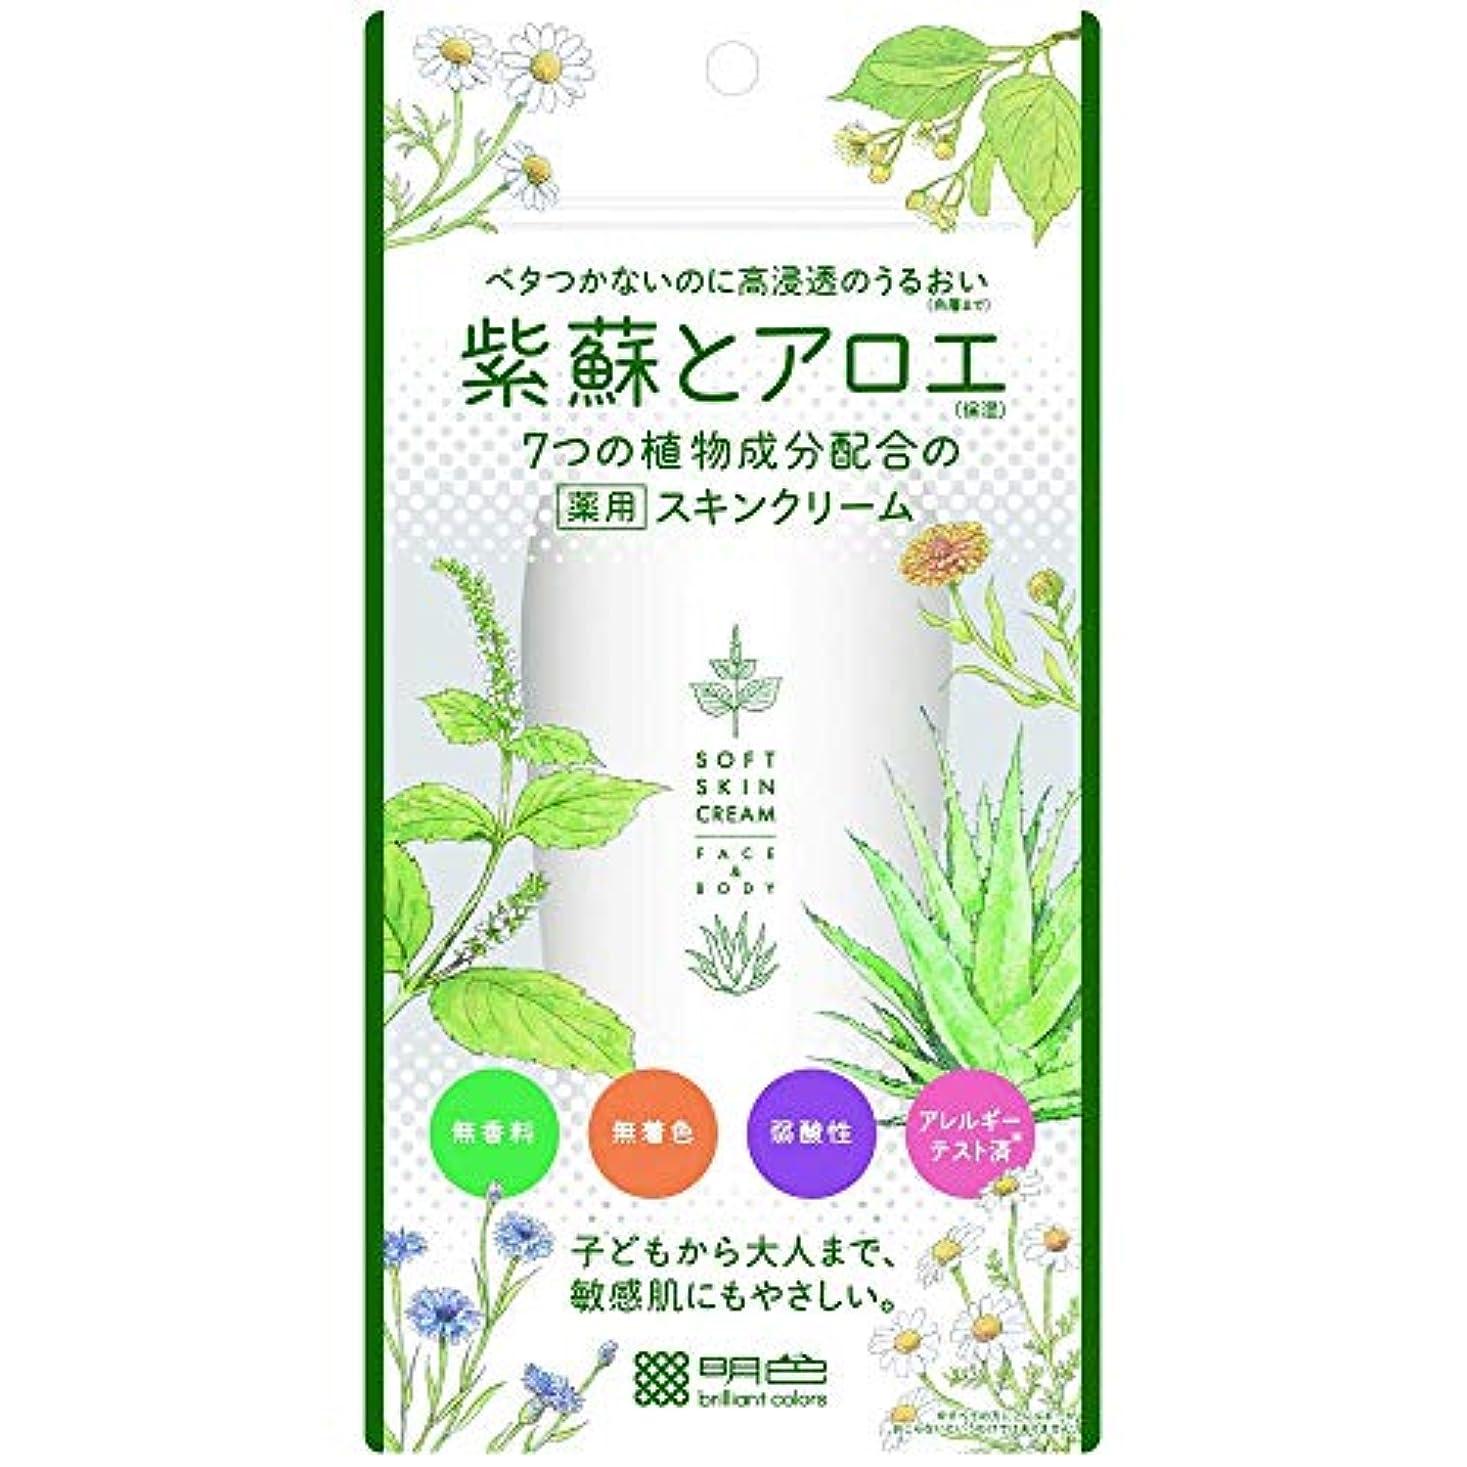 関数ジャンプ落花生【2個セット】紫蘇とアロエ 薬用スキンクリーム 190g